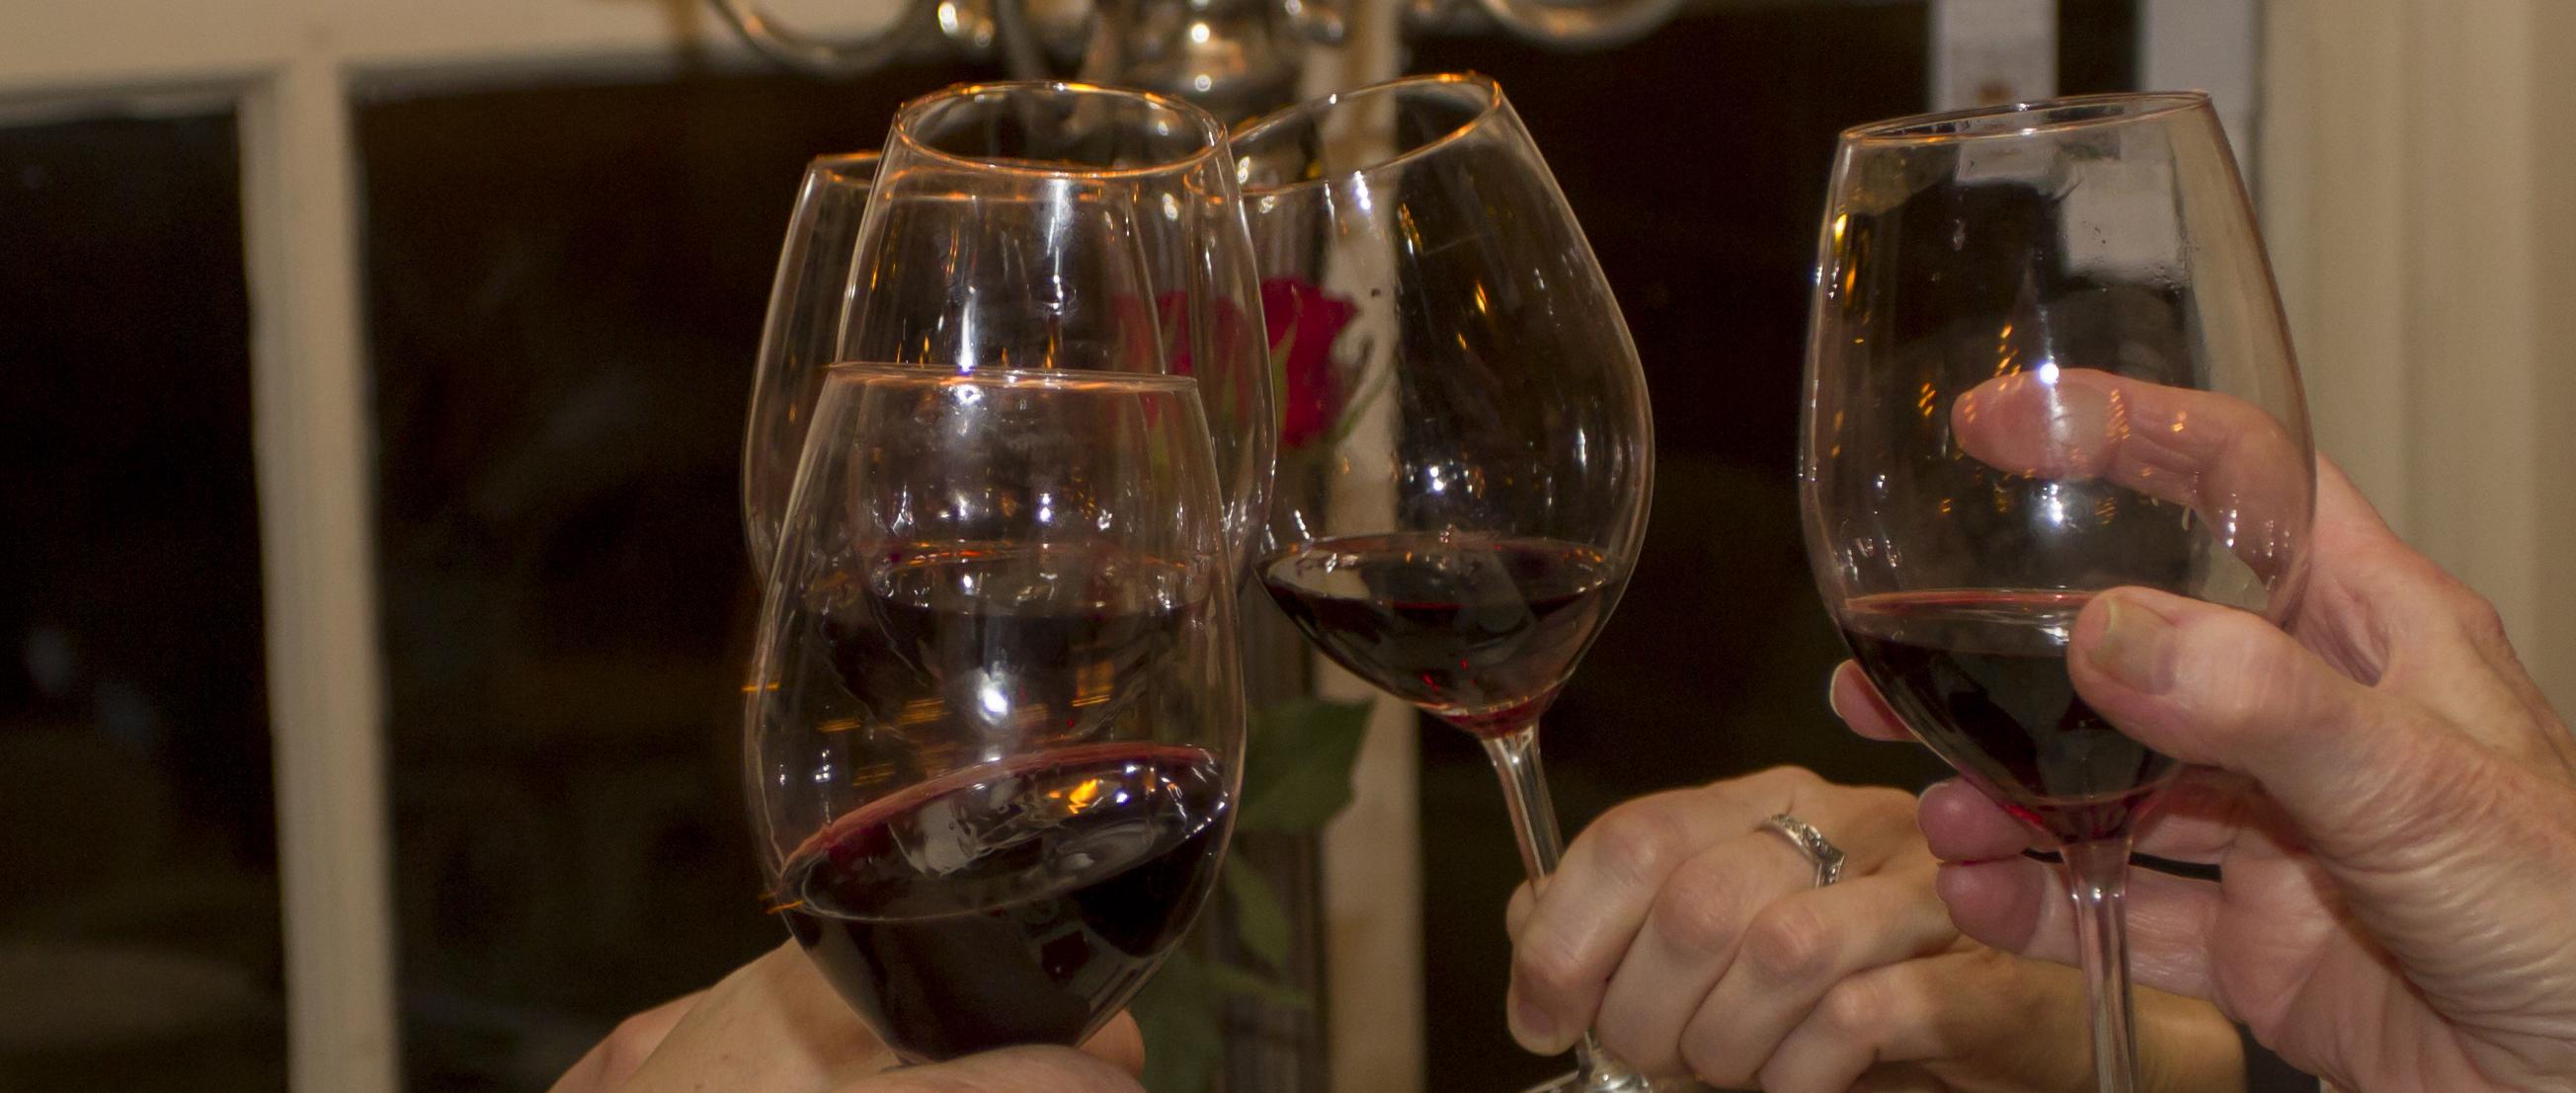 afbeelding wijnglazen